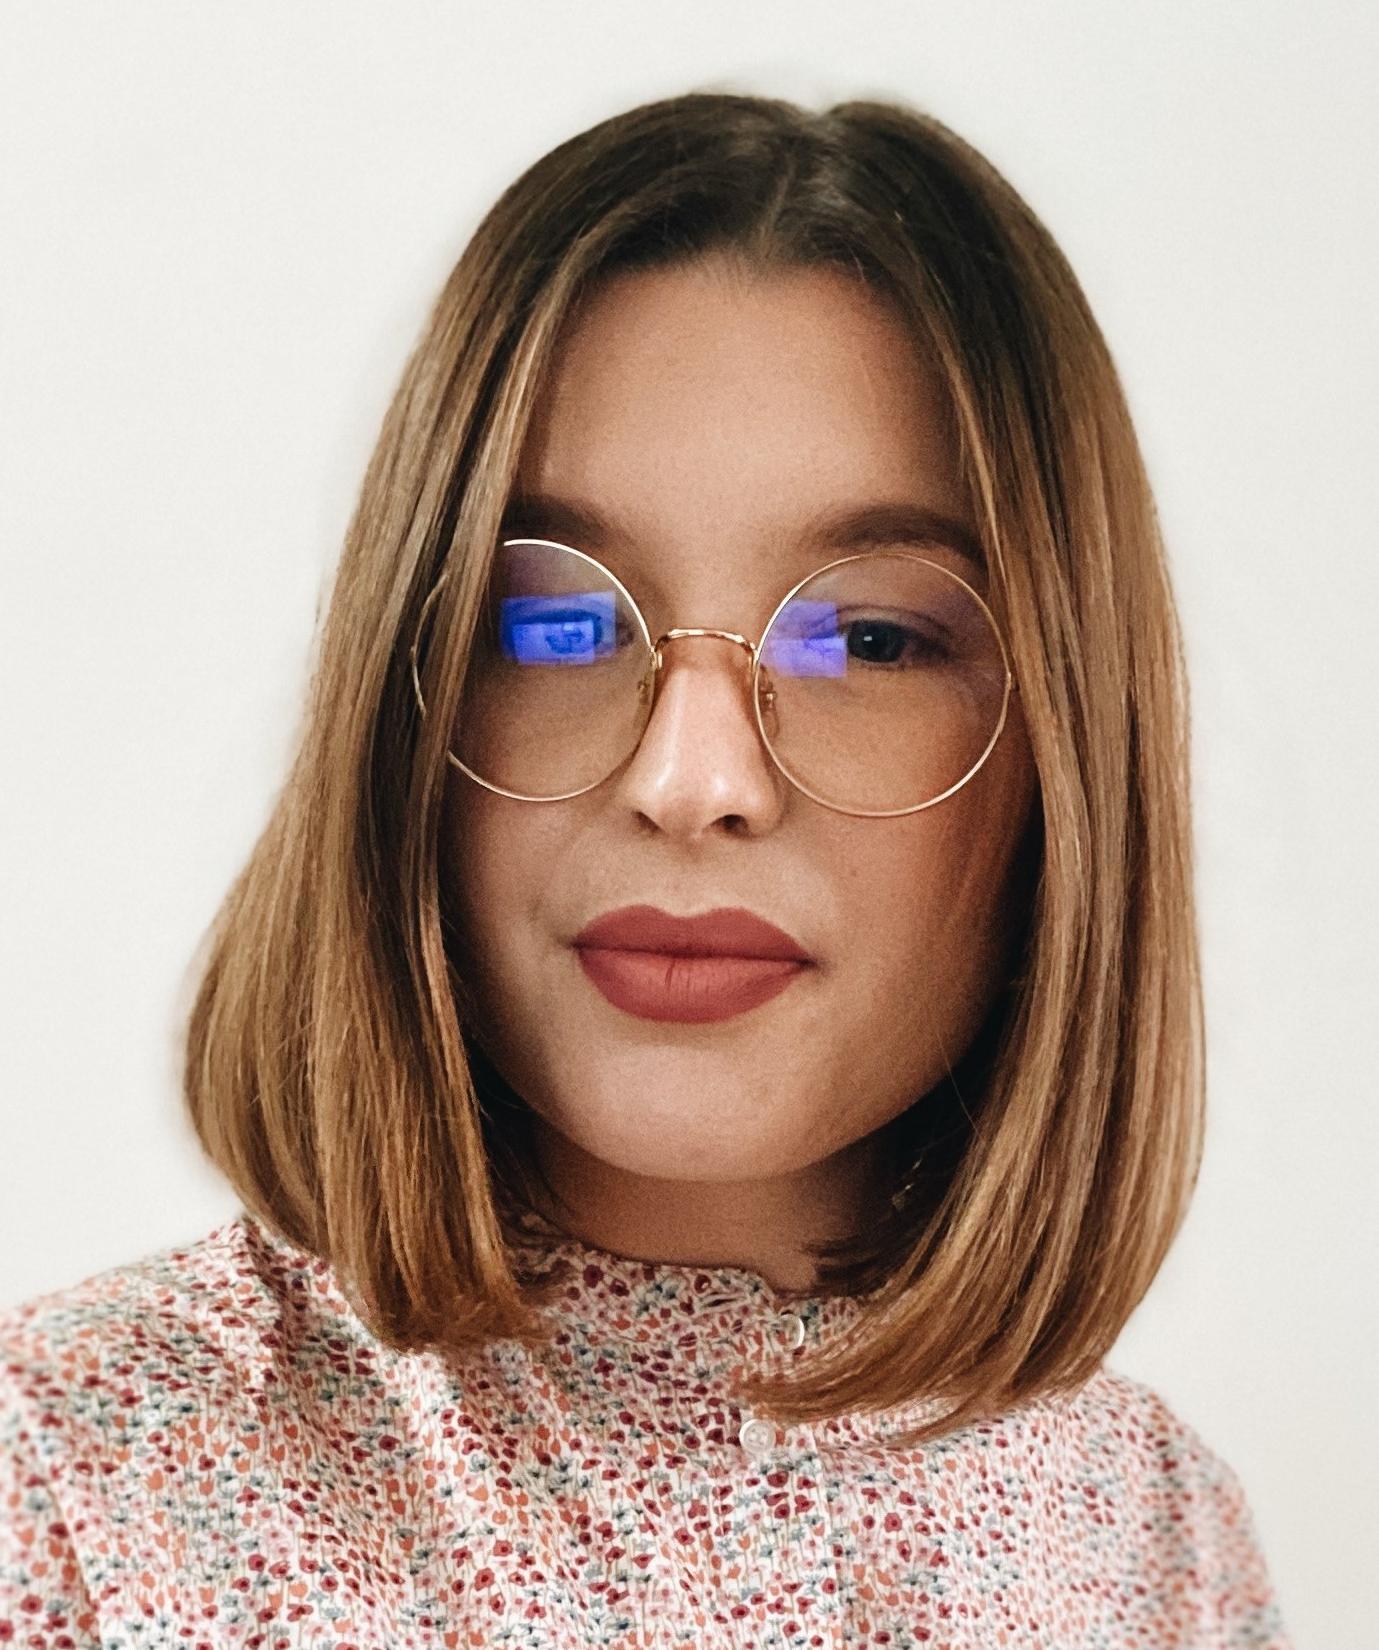 Alessia Sposini